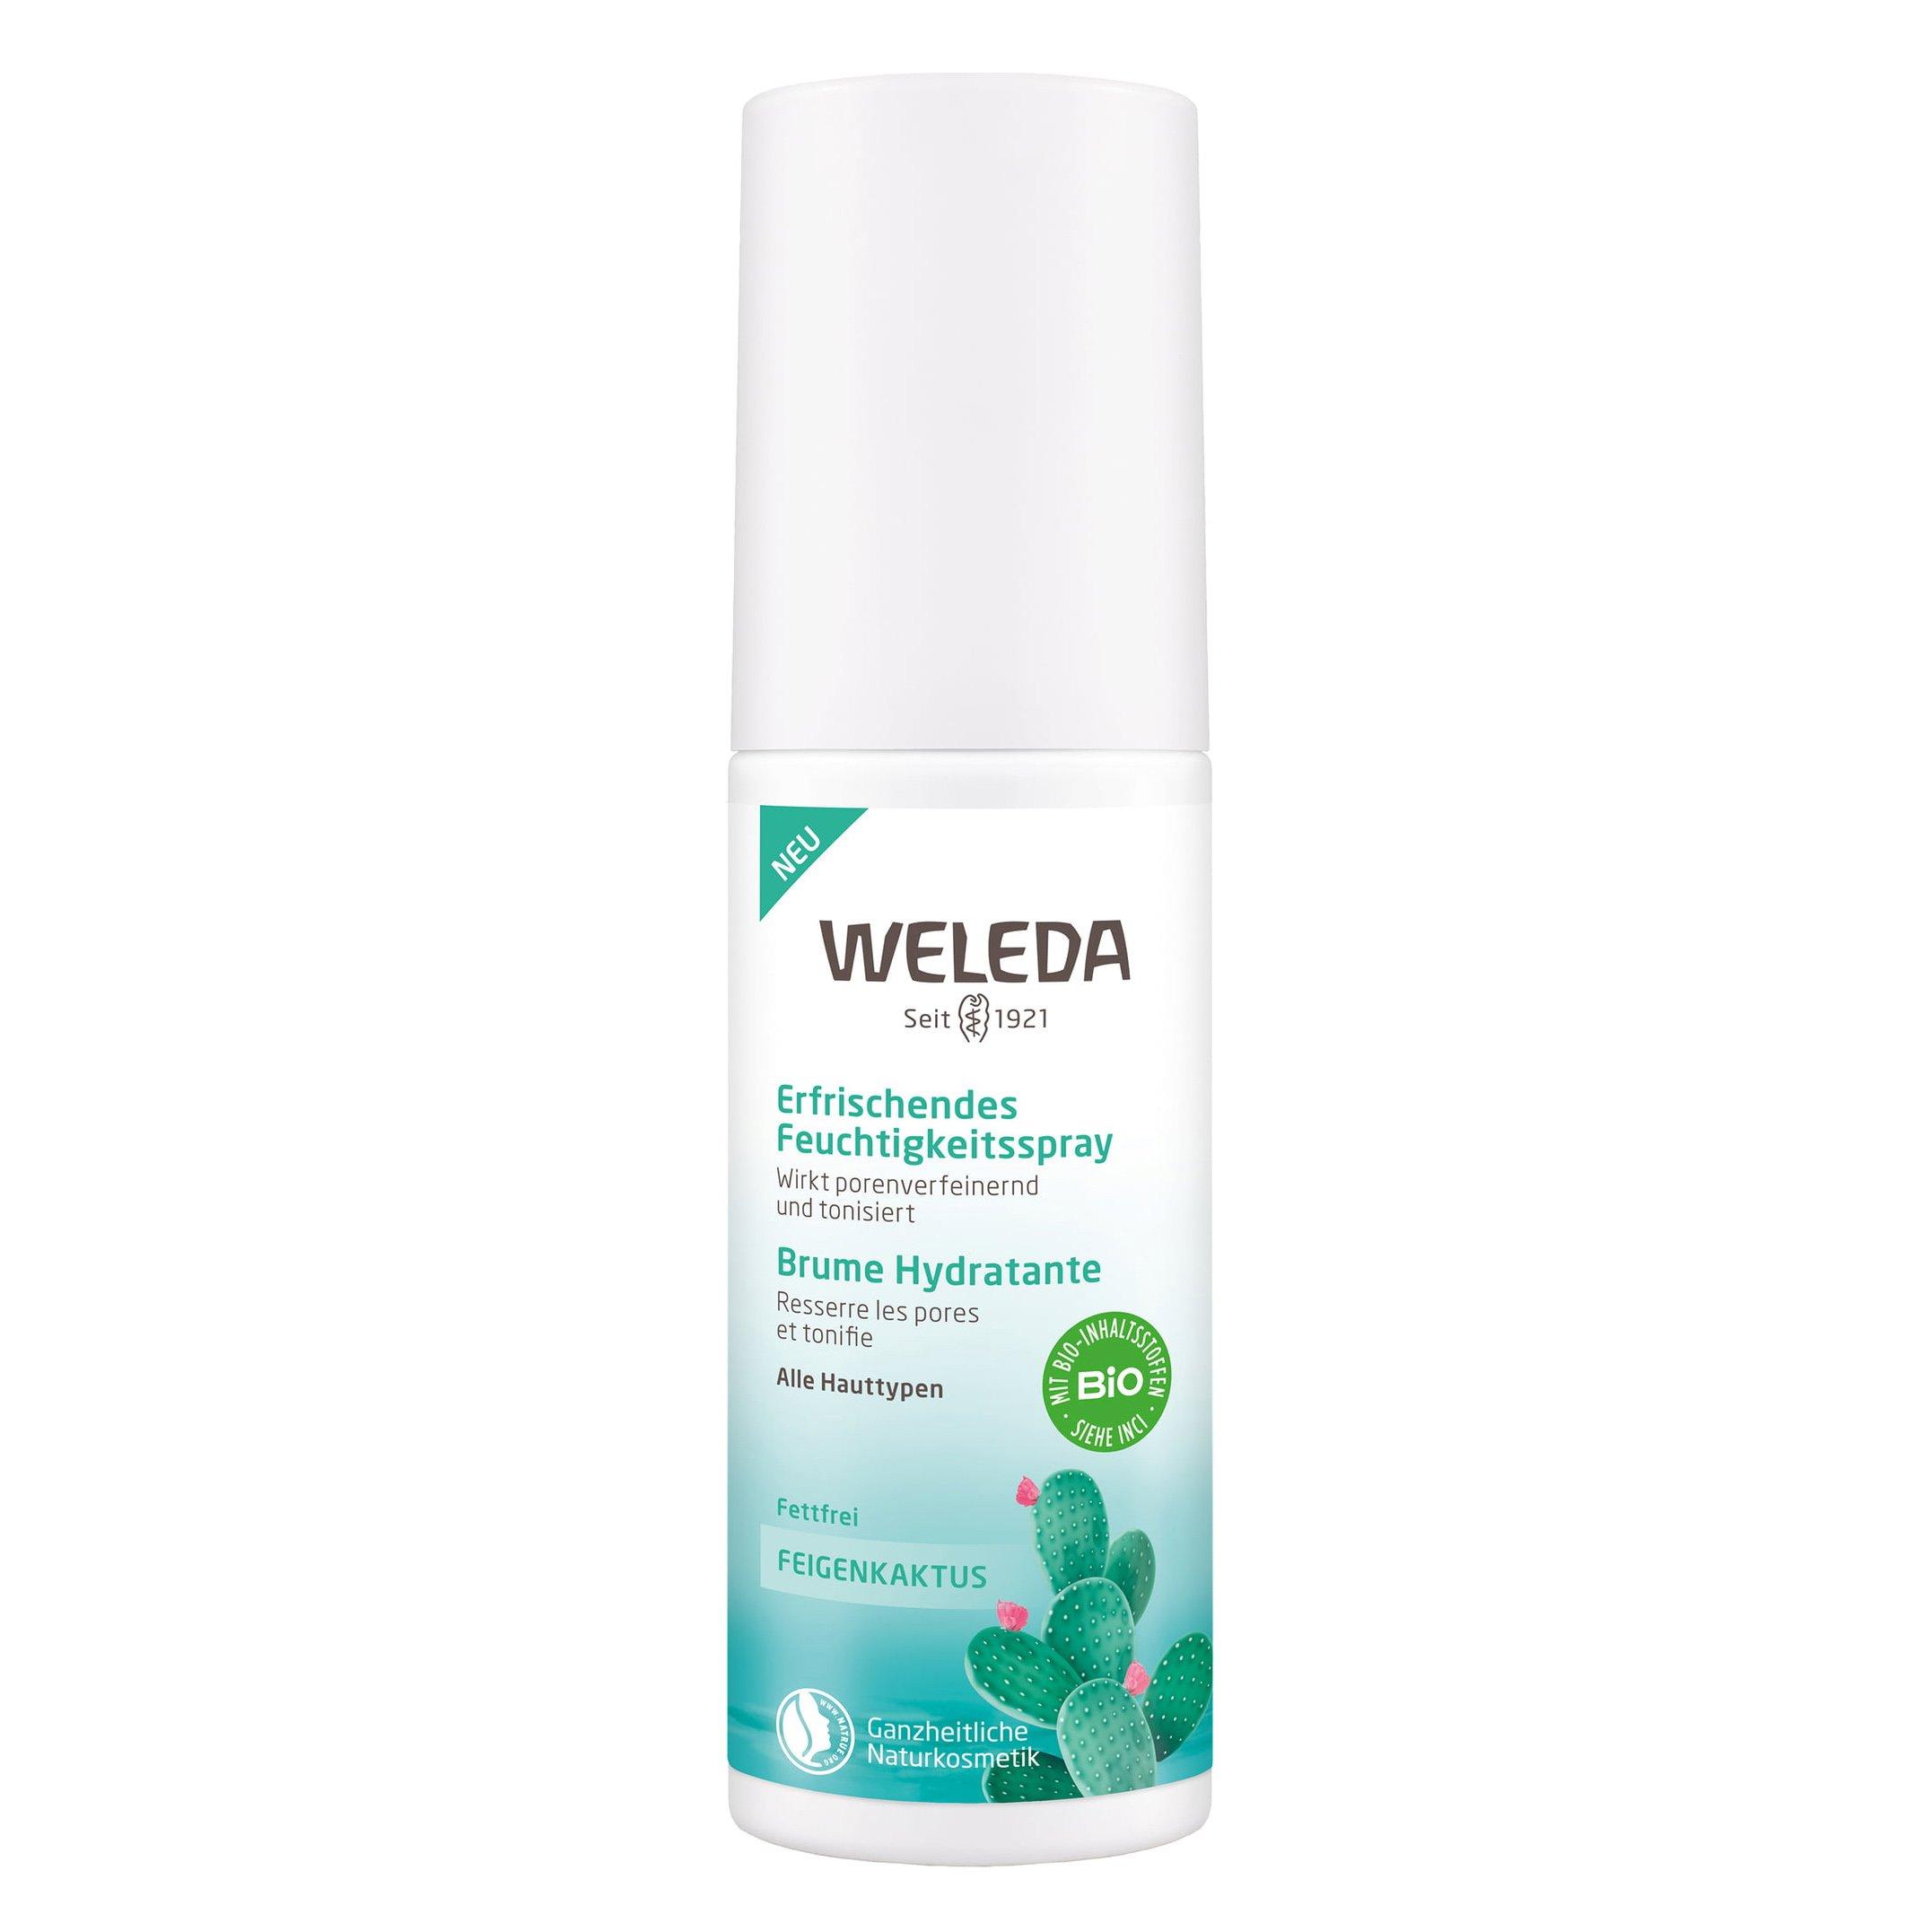 Weleda Prickly Pear Refreshing Moisture Spray Δροσερό Σπρέι Εντατικής Ενυδάτωσης με Φραγκοσυκιά για Κάθε Τύπο Δέρματος 100ml